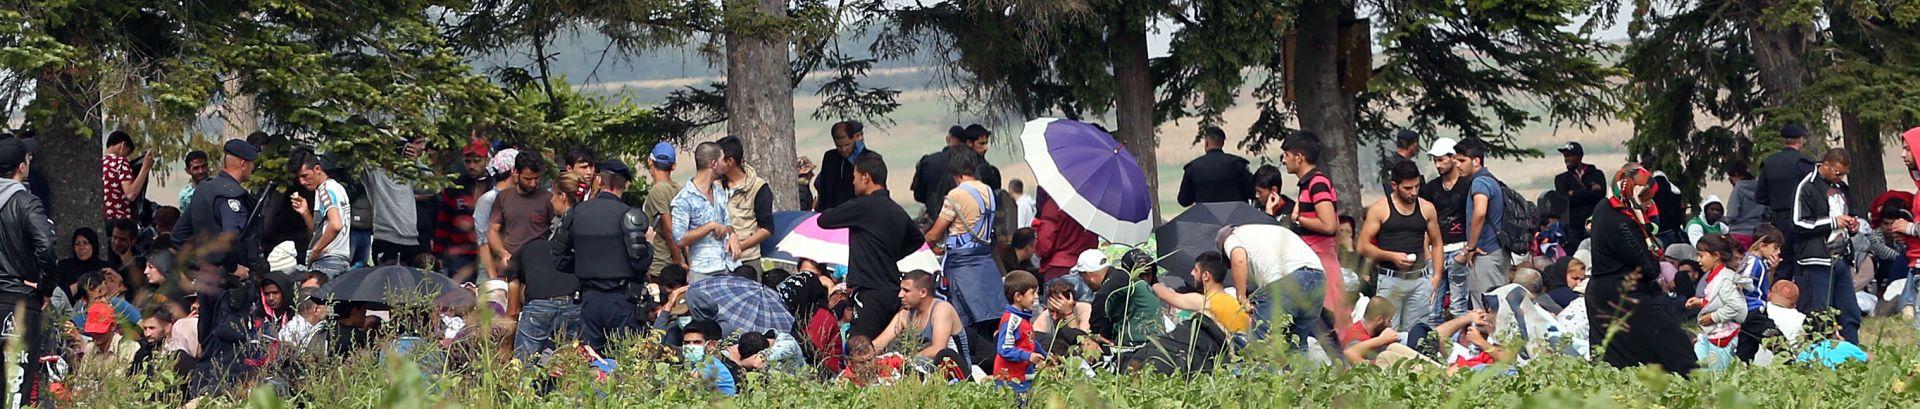 IZBJEGLICE Okrugli stol: Mijenjati politiku odnosa prema izbjeglicama jer će taj problem trajati godinama